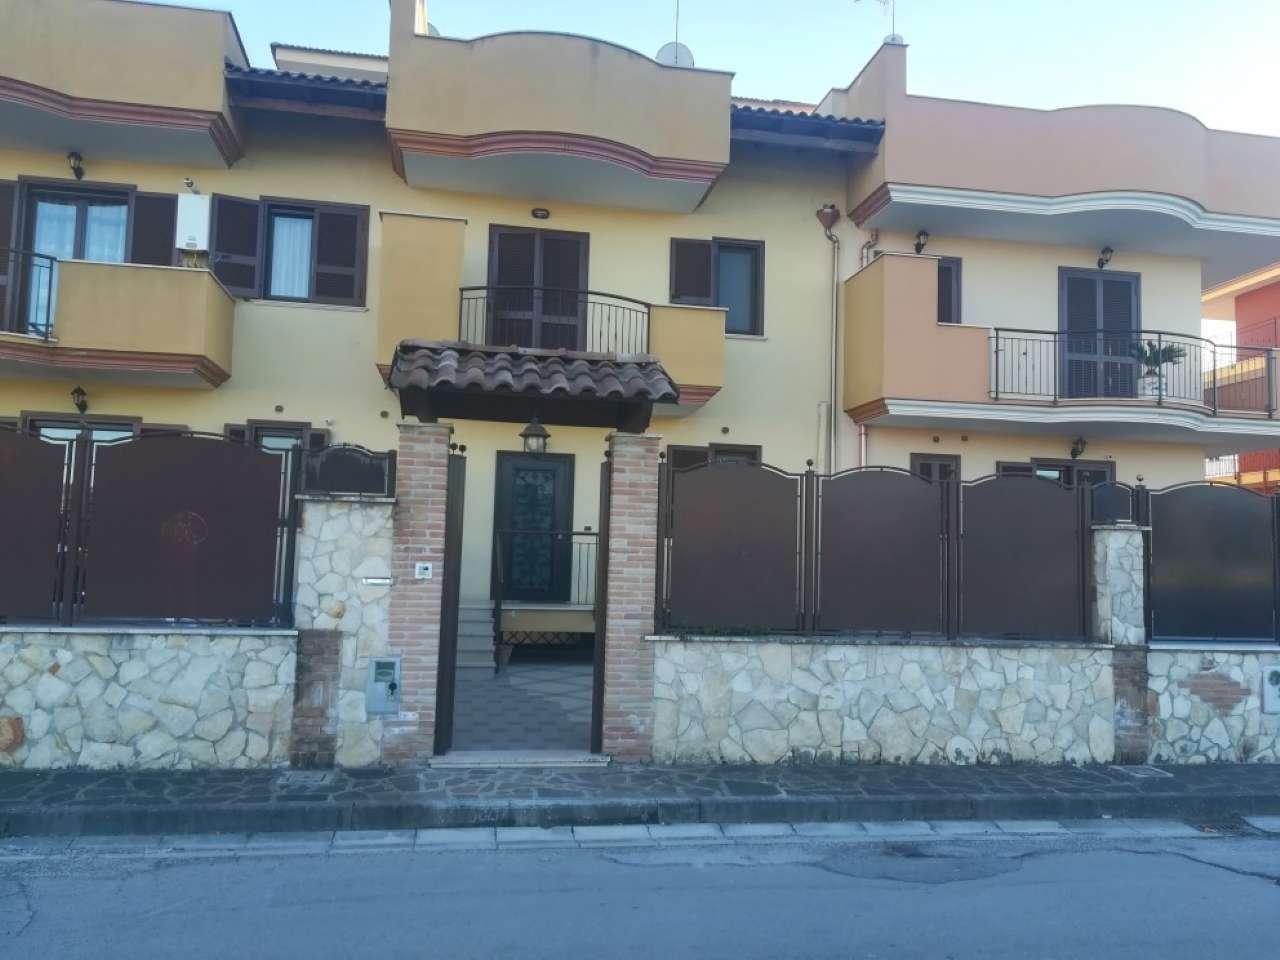 Foto 1 di Villetta a schiera via Paolo Borsellino, Gricignano Di Aversa